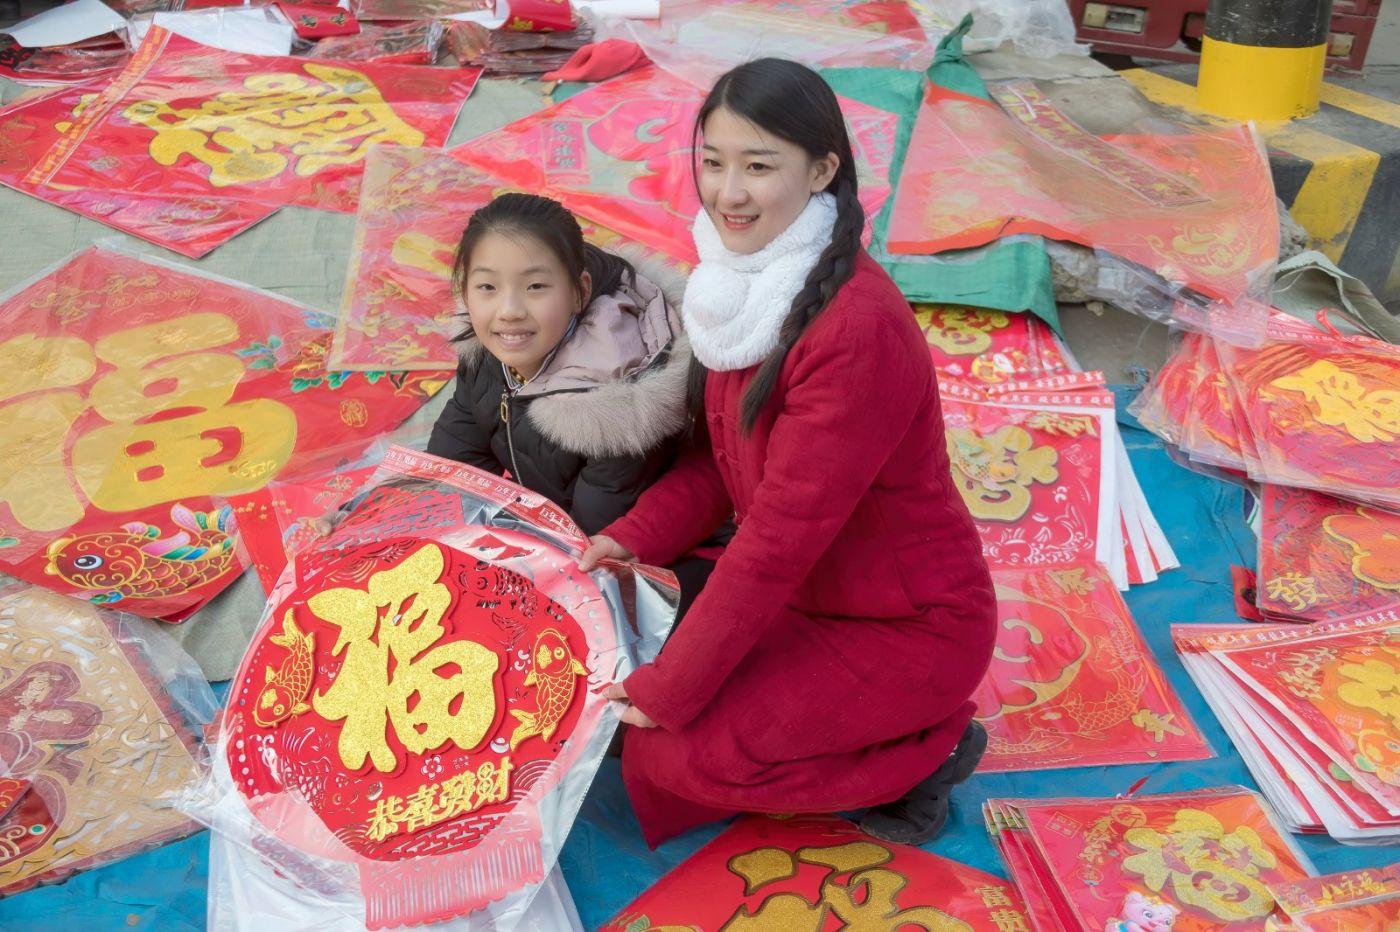 腊月二十七 乡村女教师小张老师的傅家庄年集_图1-11